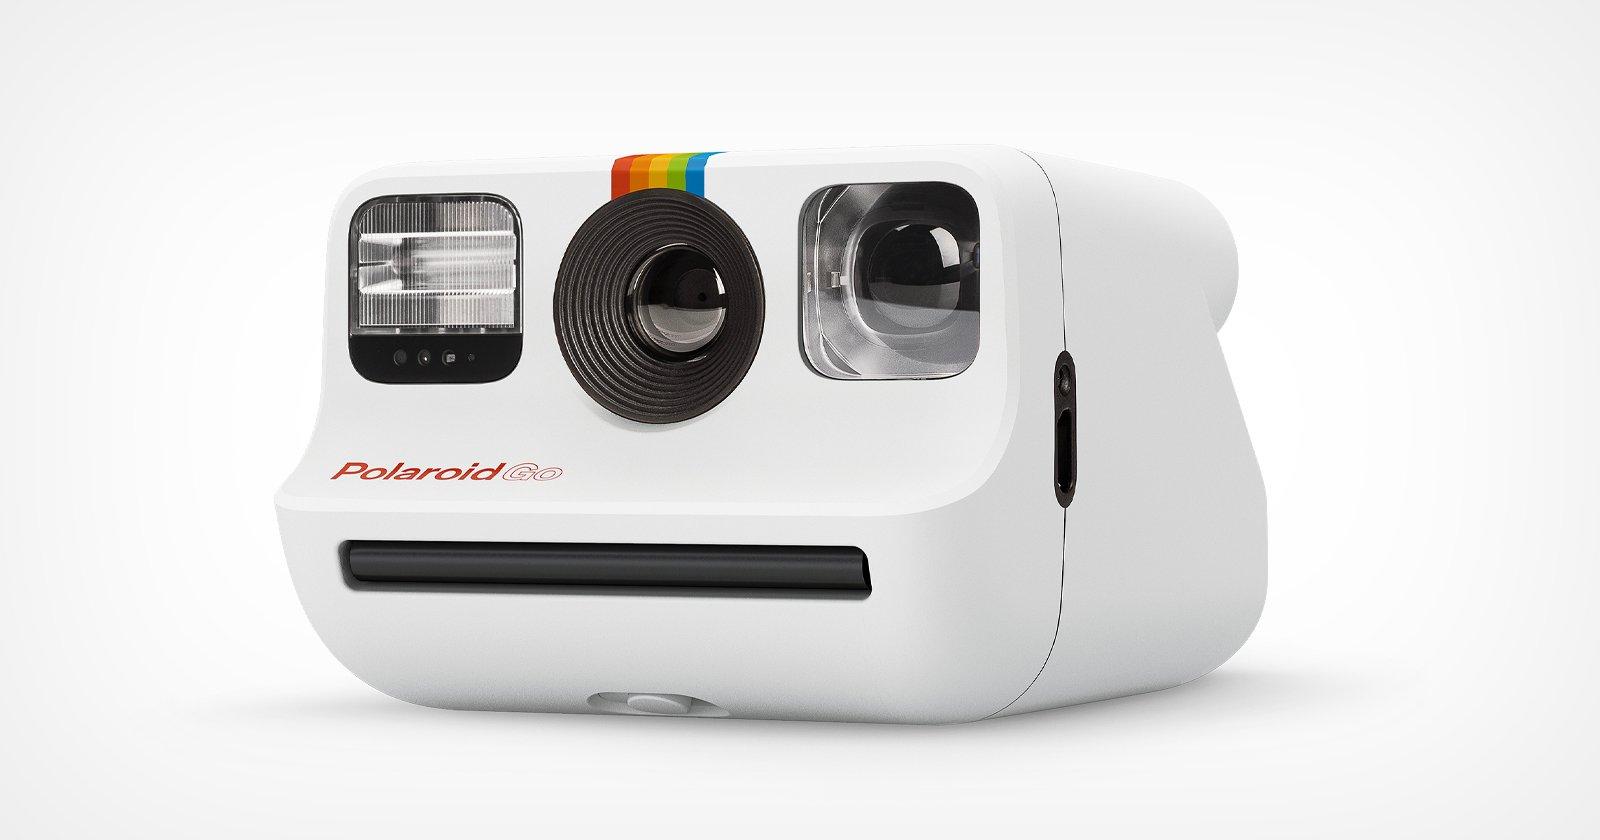 Polaroid lancia Polaroid Go, la fotocamera analogica più piccola al mondo